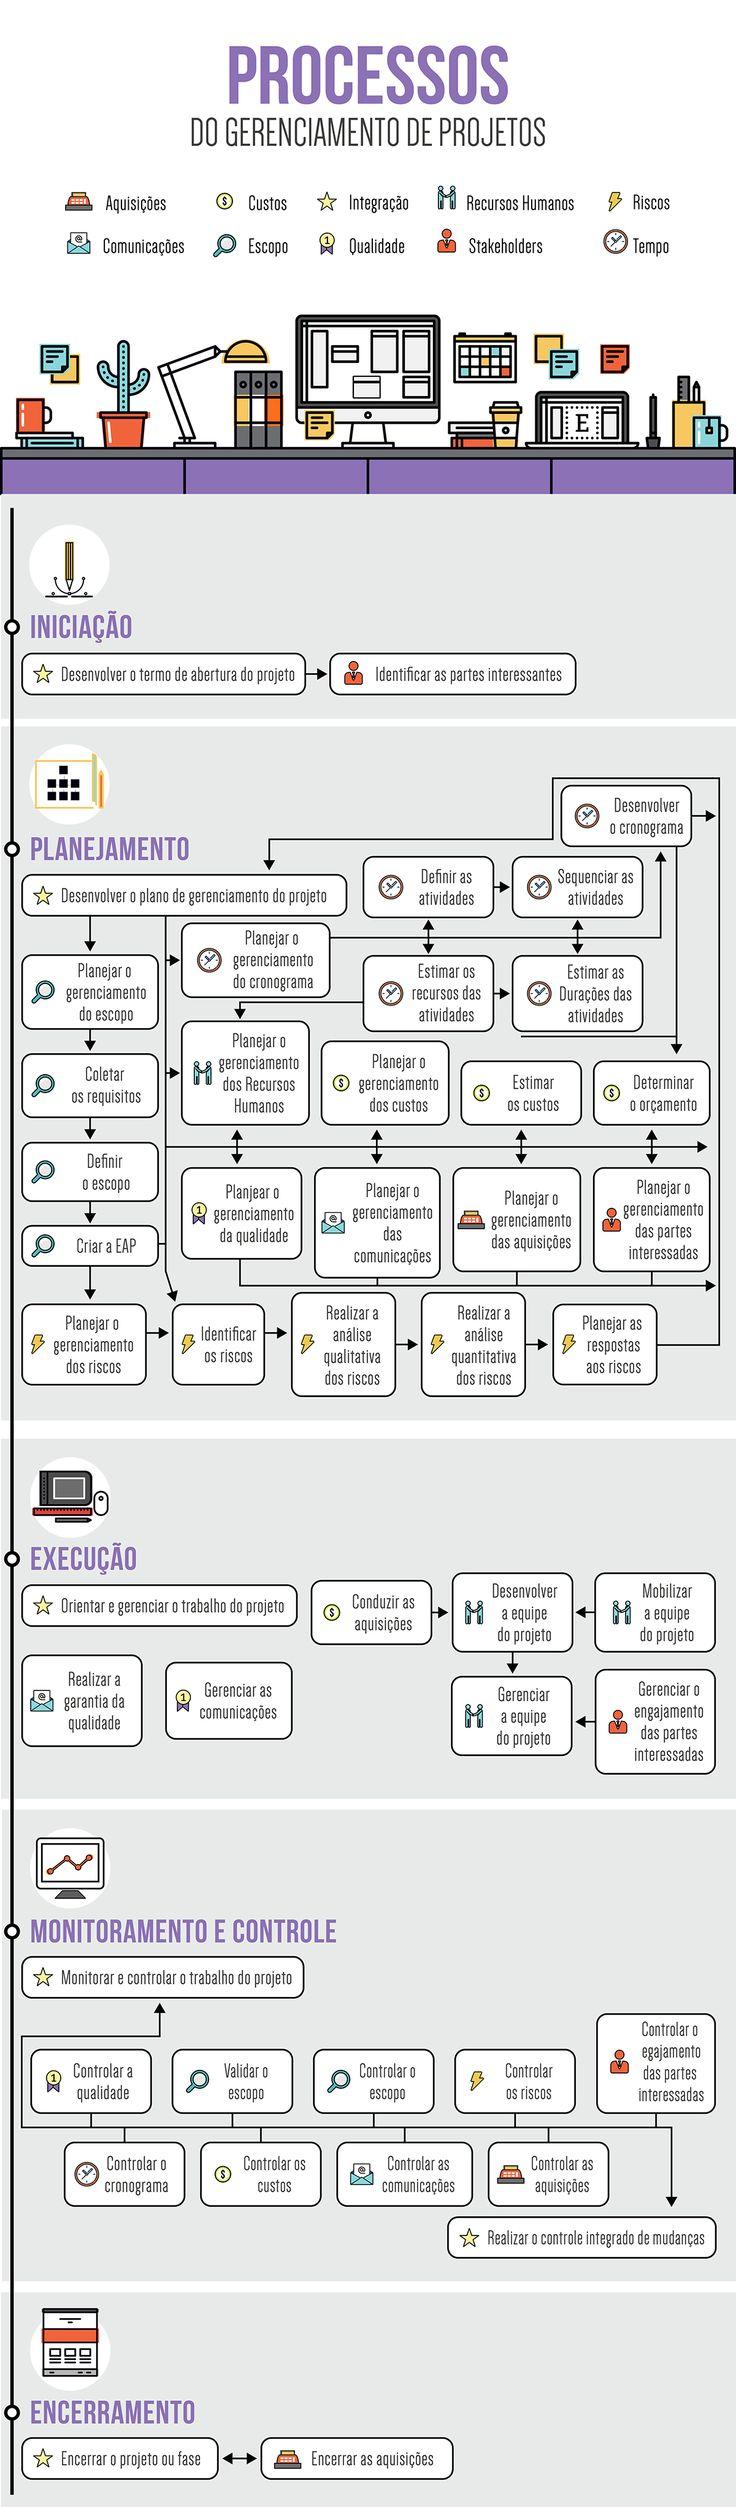 Processos do Gerenciamento de Projetos Infográfico on Behance.